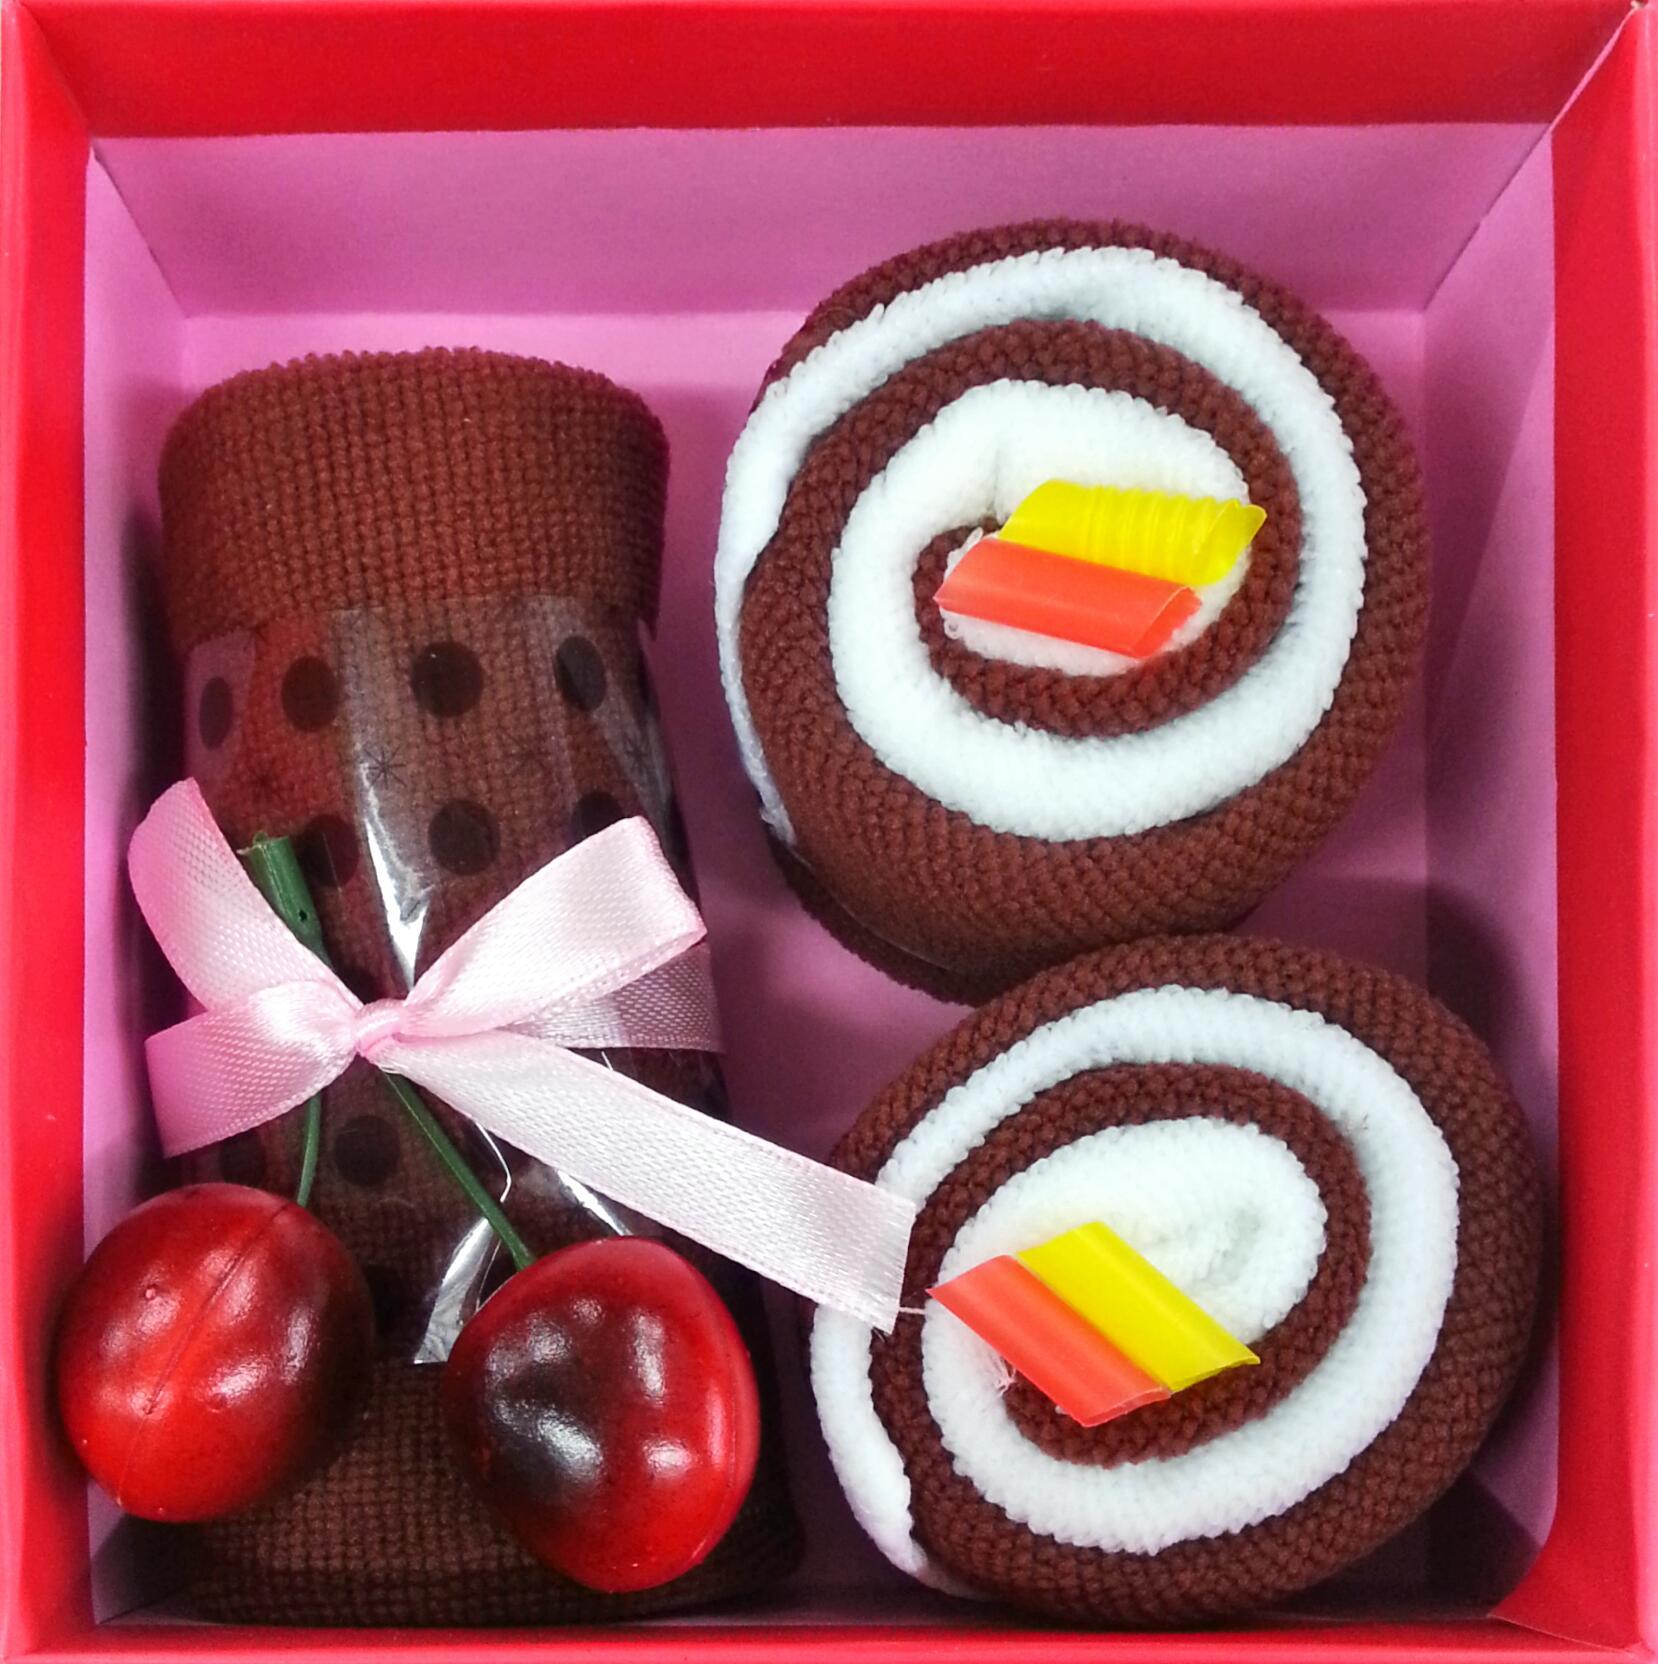 เค้กโรลผ้าขนหนู เซอร์ไพร์สวันพิเศษ (วันเกิด,วันวาเลนไทน์,วันแห่งความรัก)